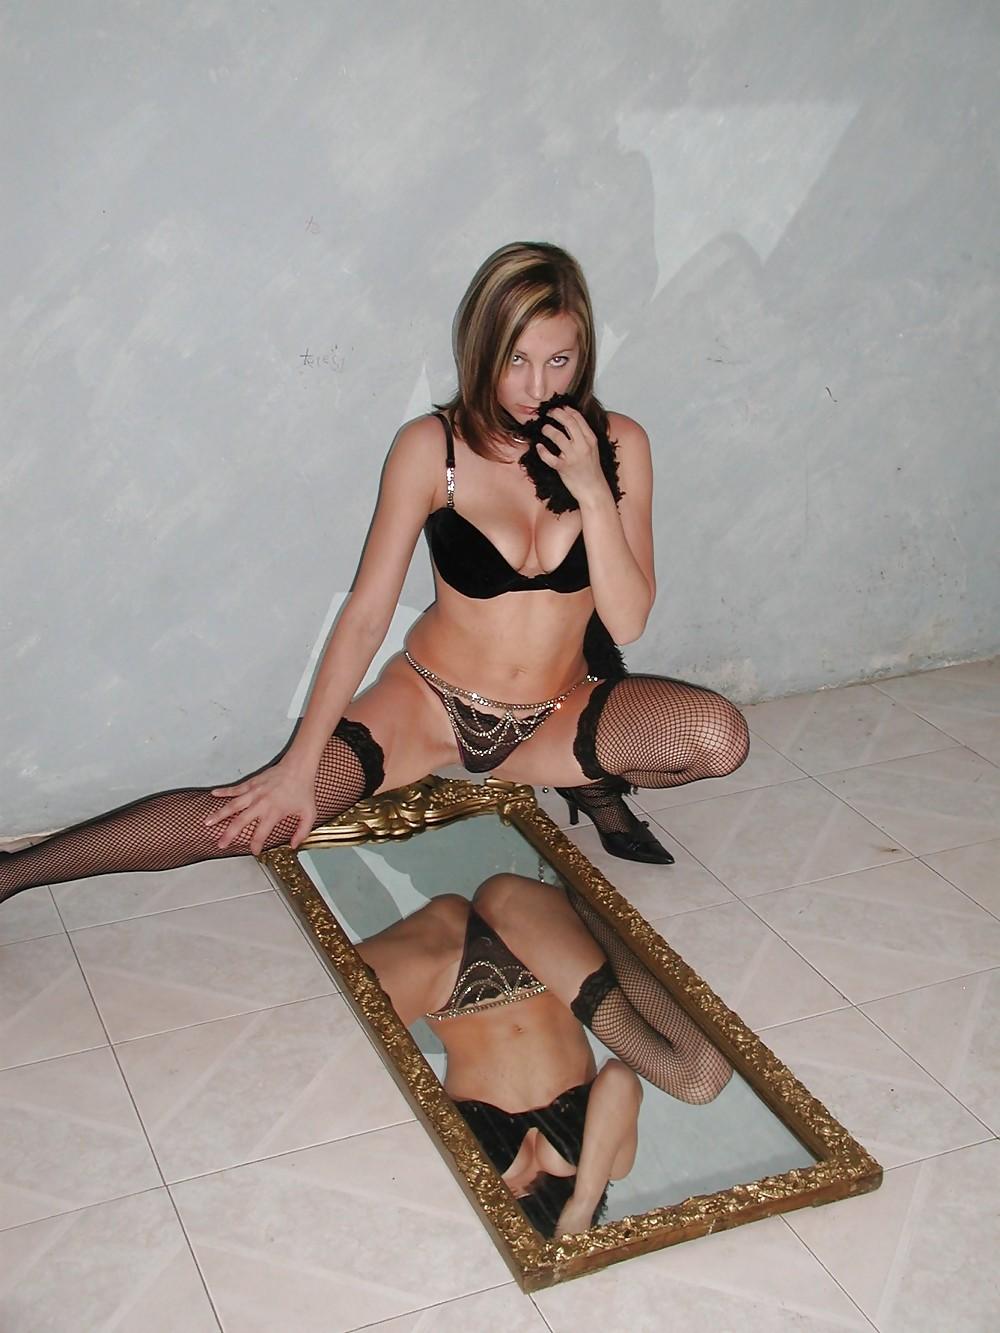 Нимфа в нижнем белье эротично позирует в помещении